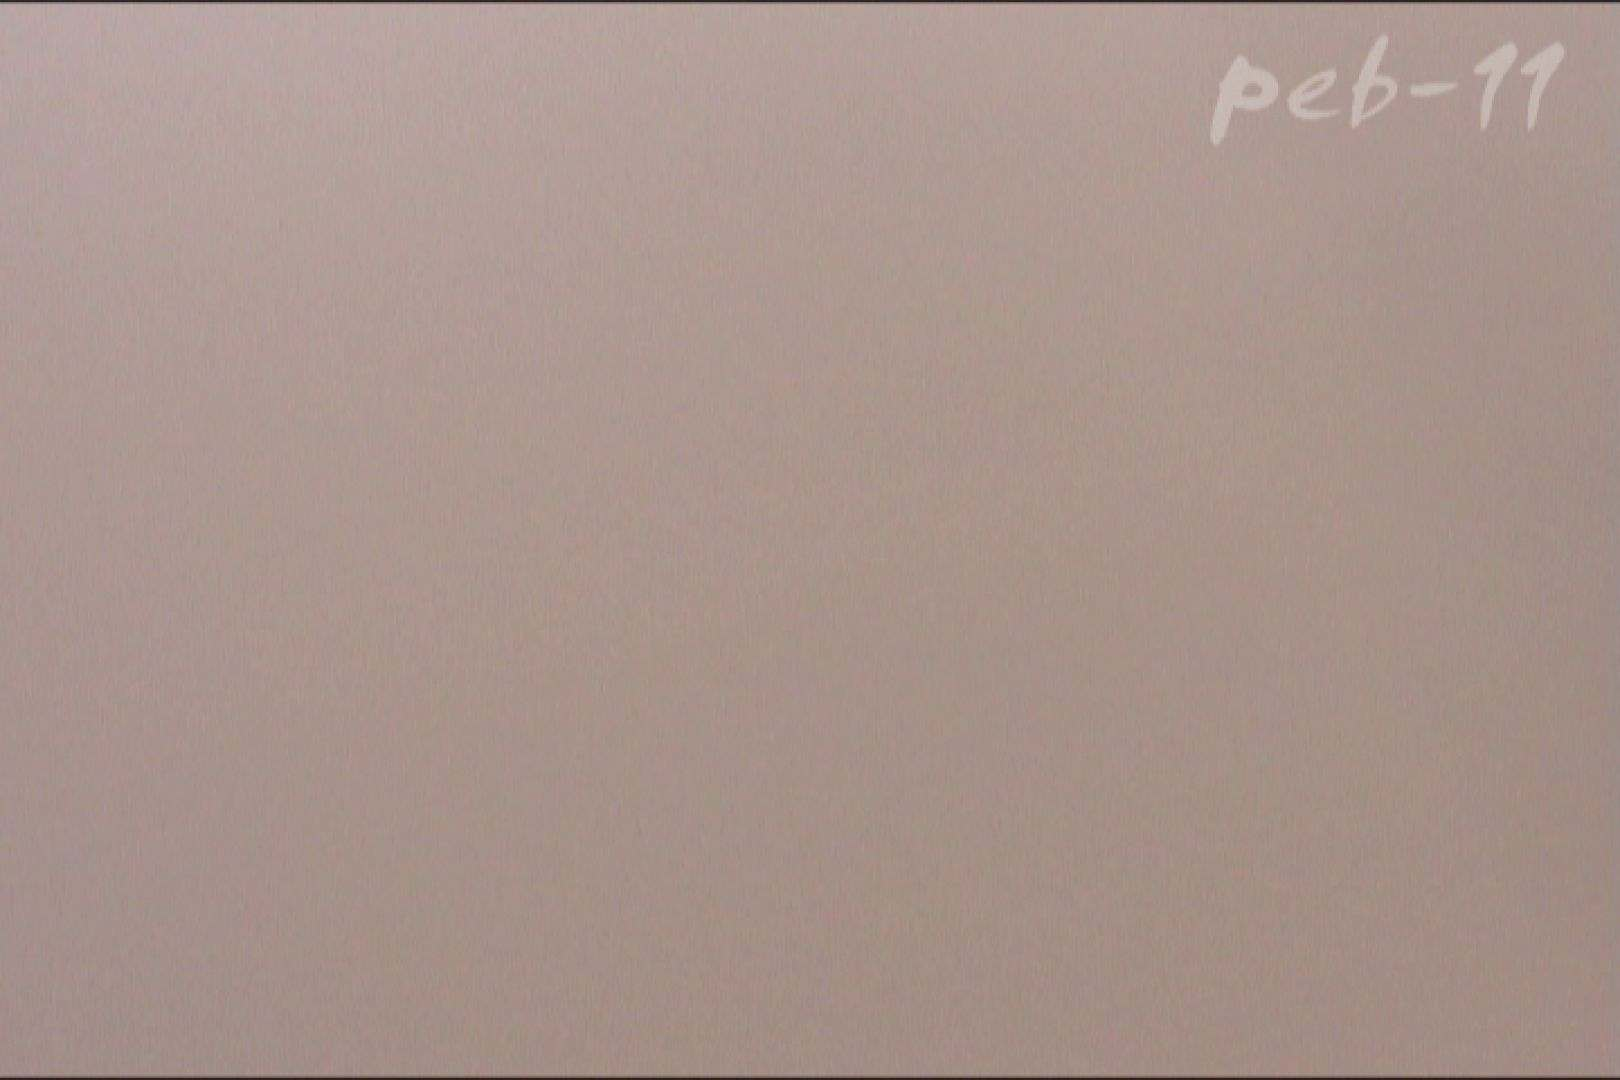 期間限定 マンコ丸見え!体育館潜入撮File011 投稿 盗撮AV動画キャプチャ 71連発 11